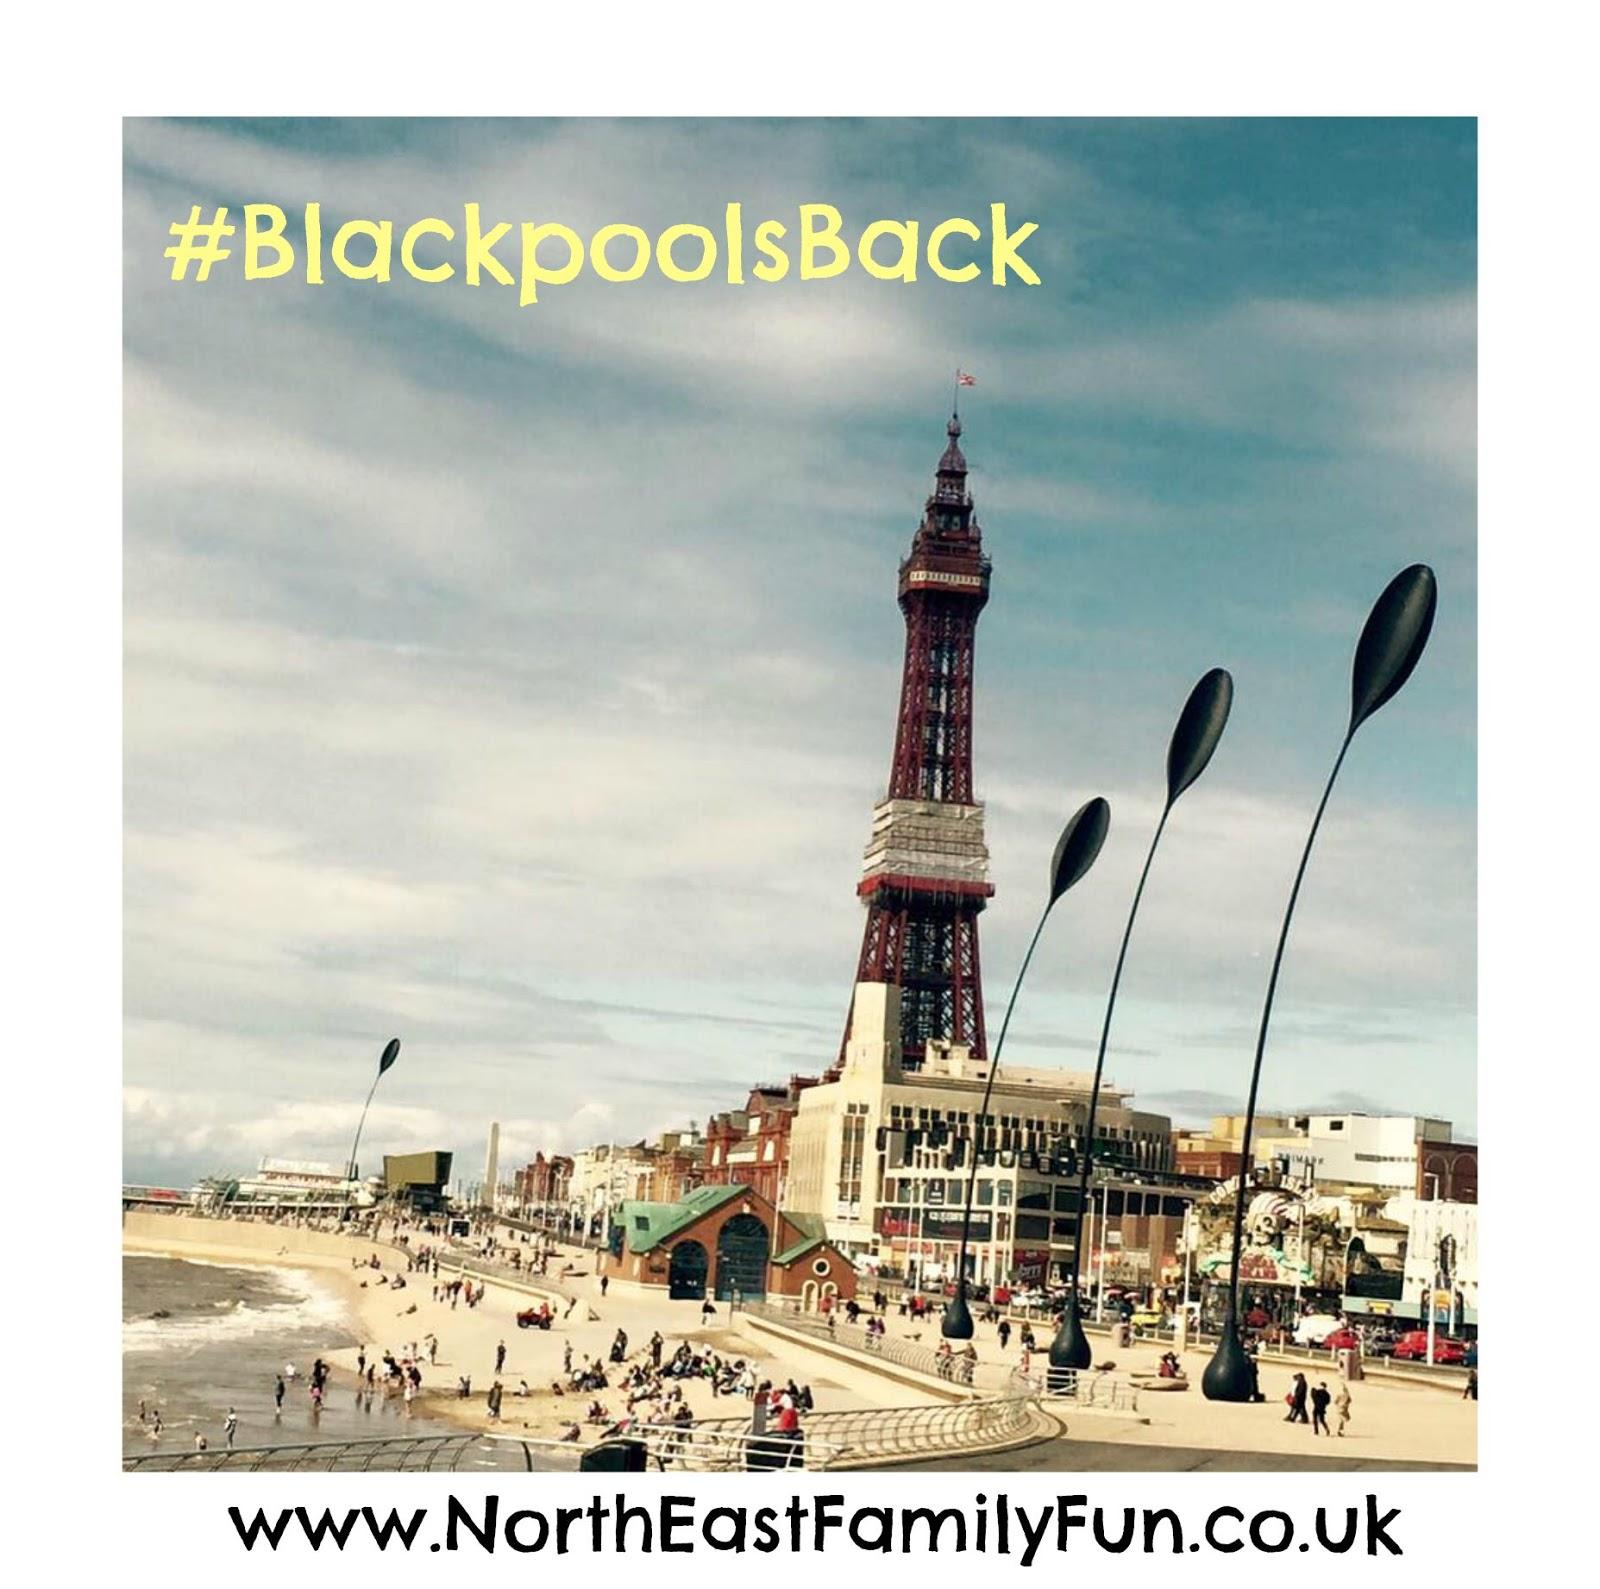 Consider, Blackpool pleasure beach food regret